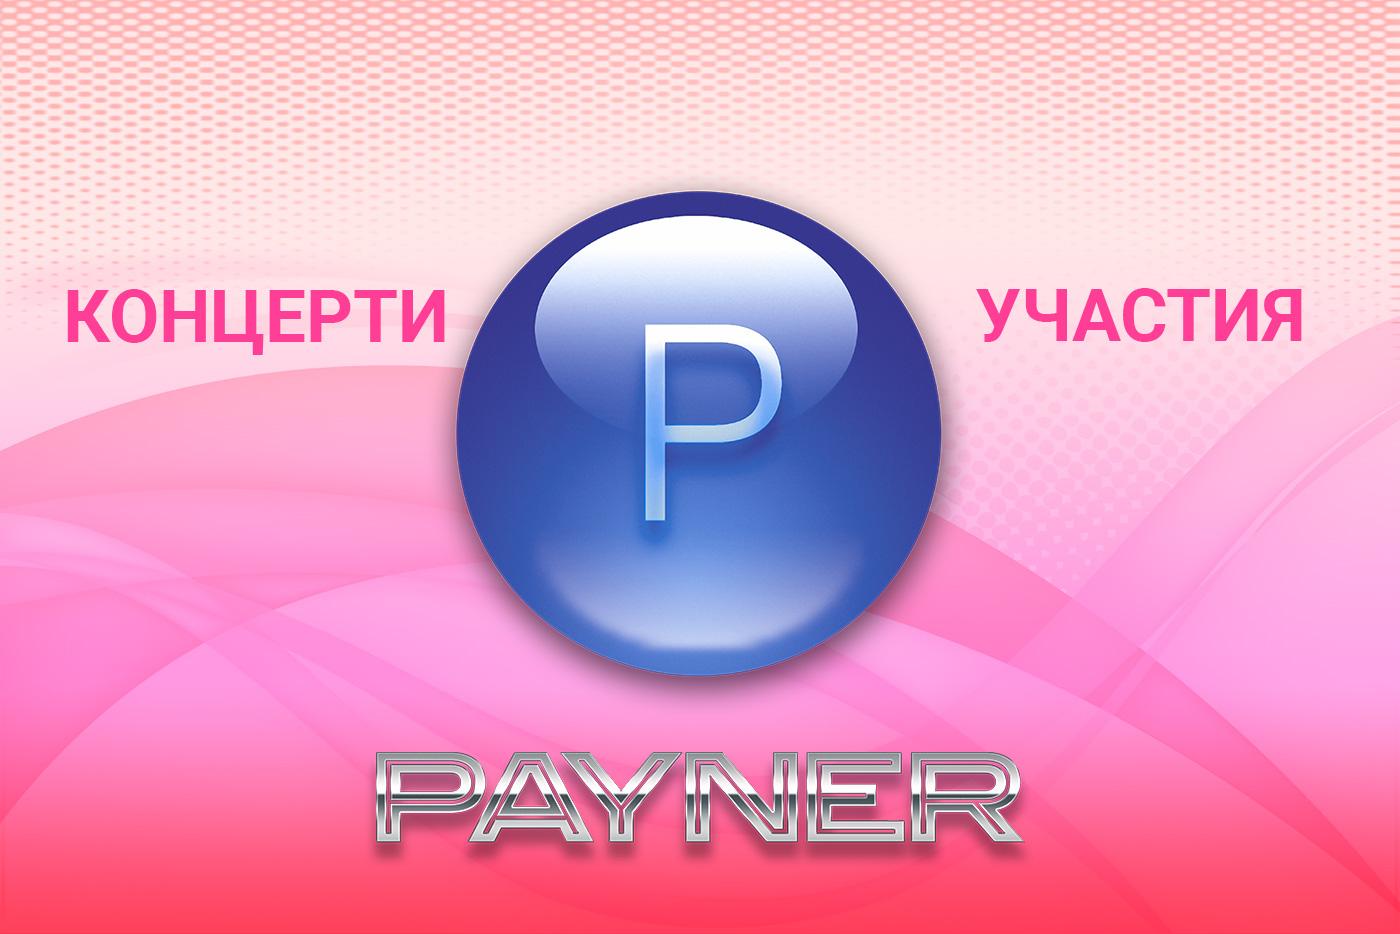 """Участия на звездите на """"Пайнер"""" на 04.12.2018"""